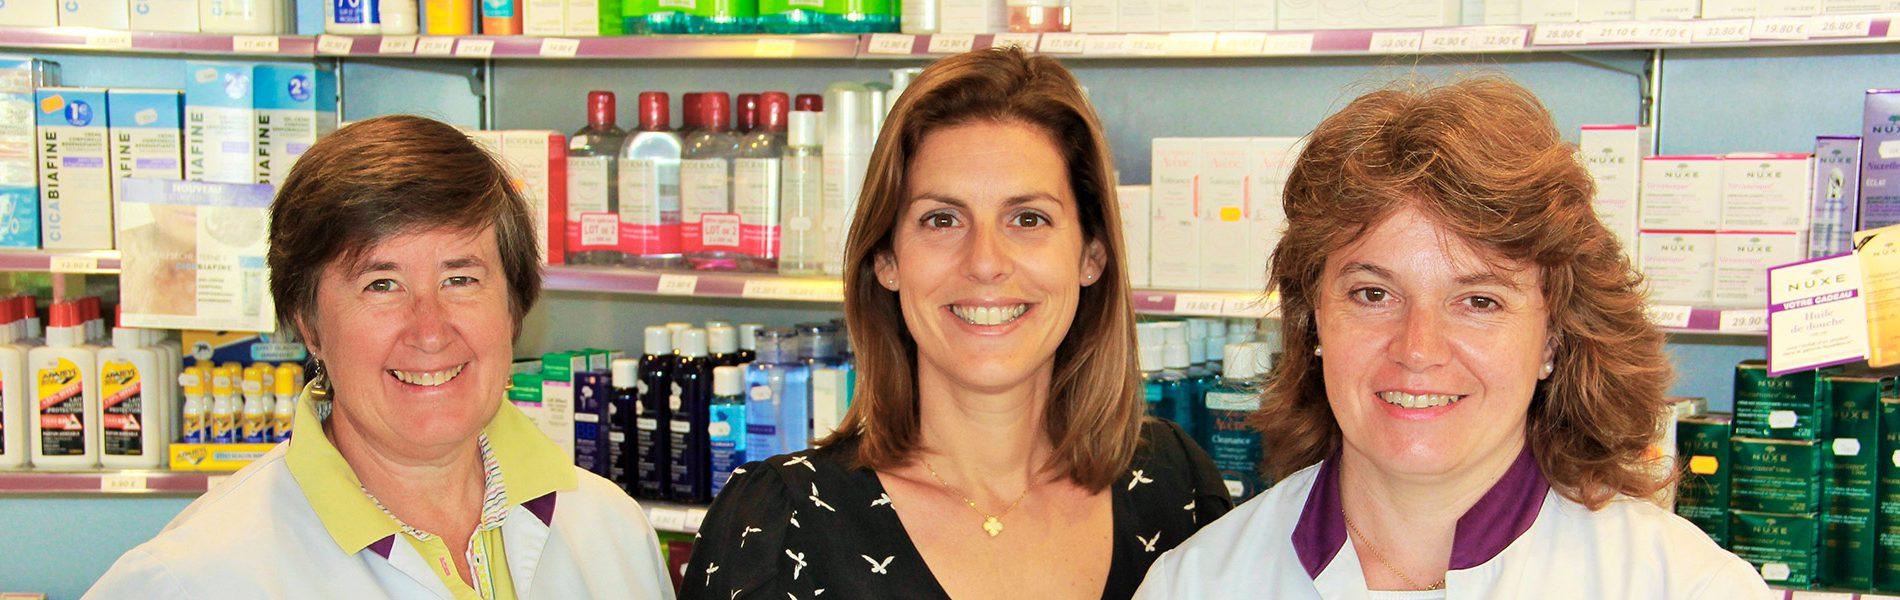 Pharmacie DE LA PEUPLERAIE - Image Homepage 2